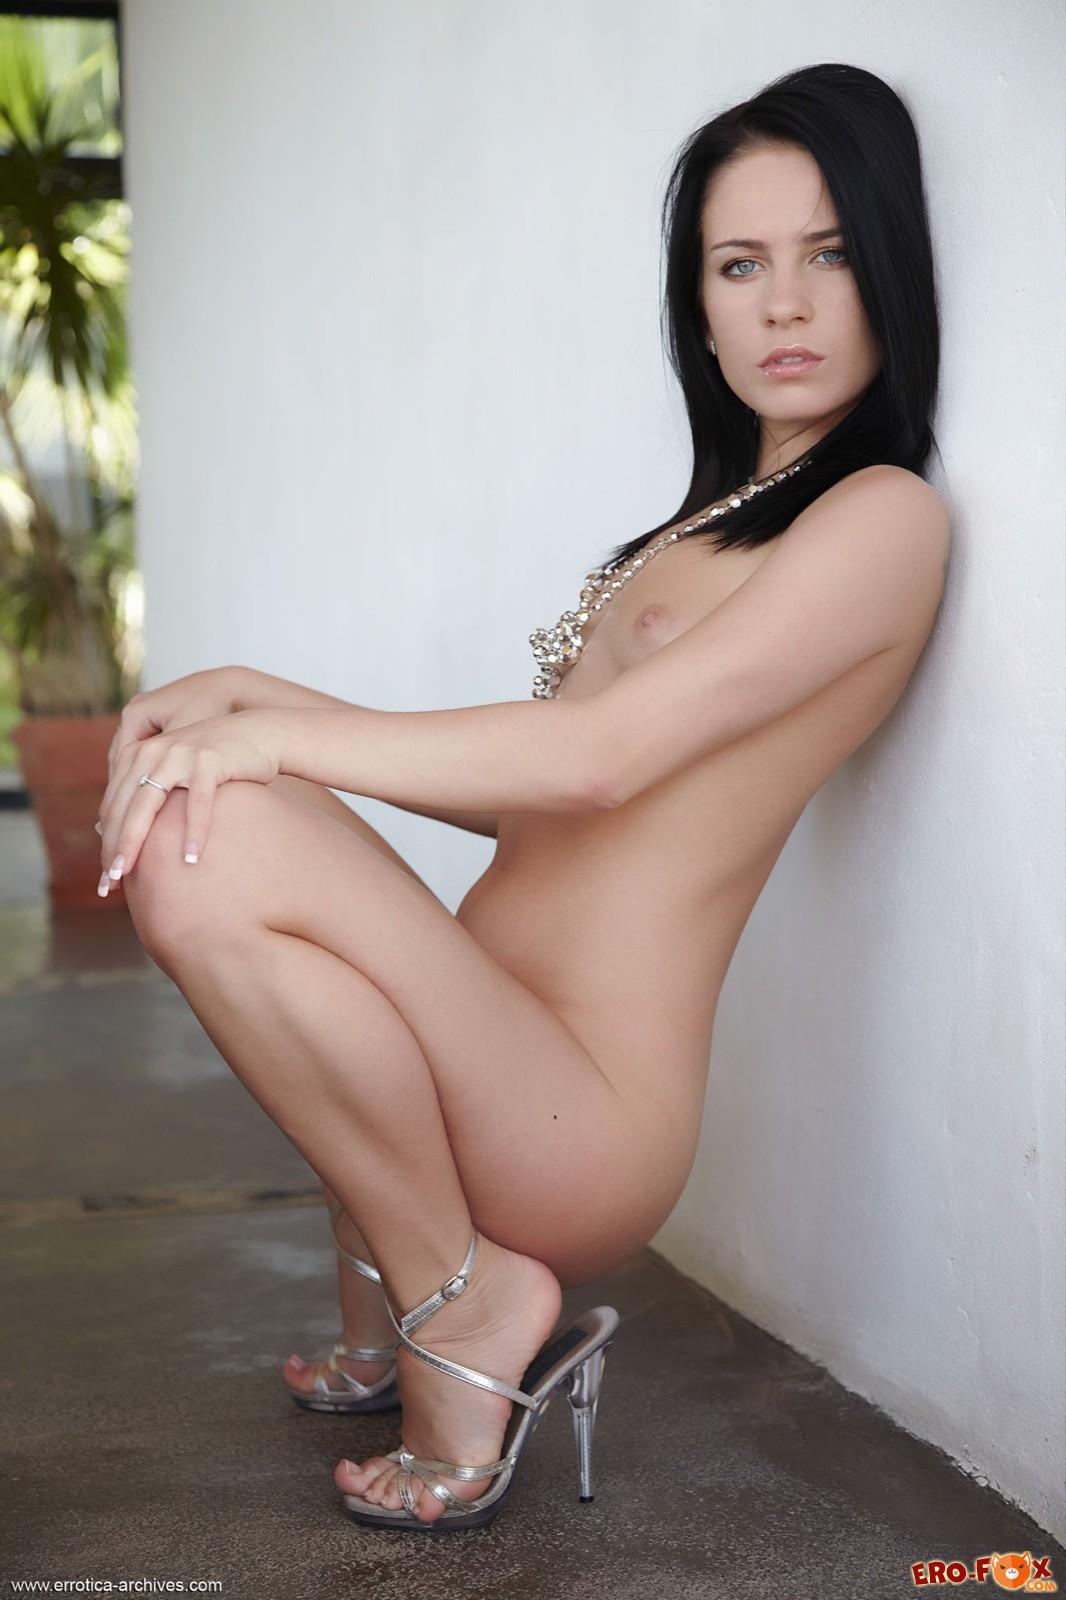 Брюнетка с голой попой и маленькой грудью в туфлях